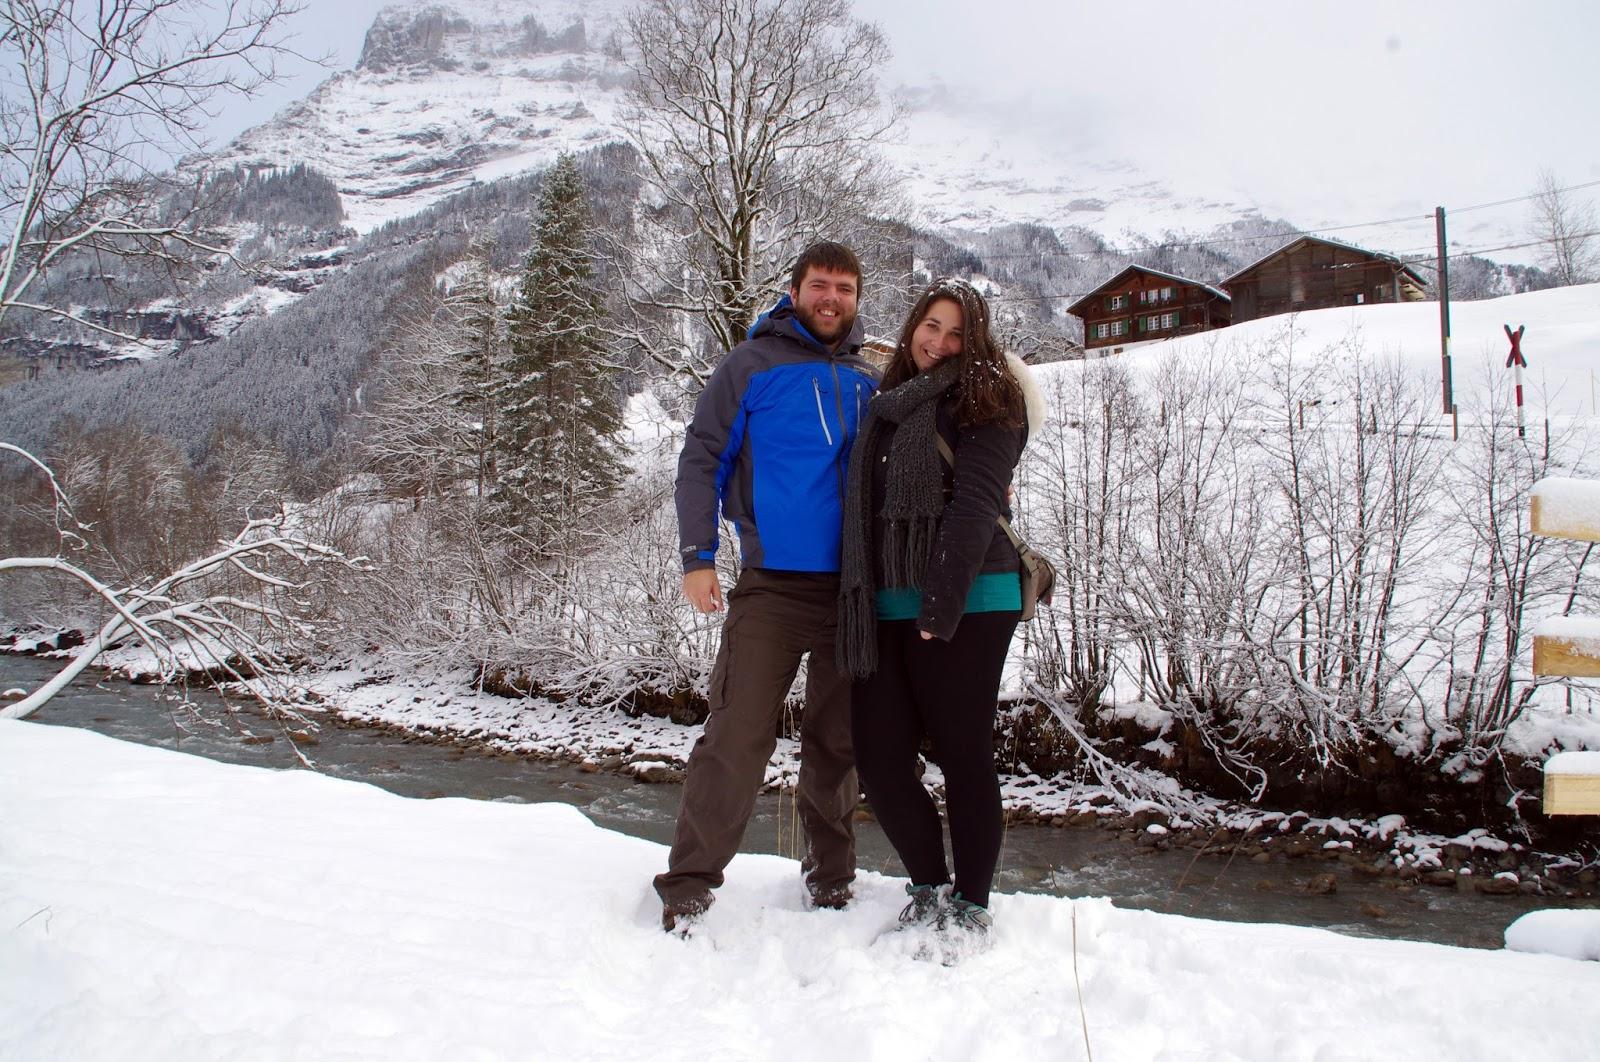 The Aussie Flashpacker Snow Switzerland